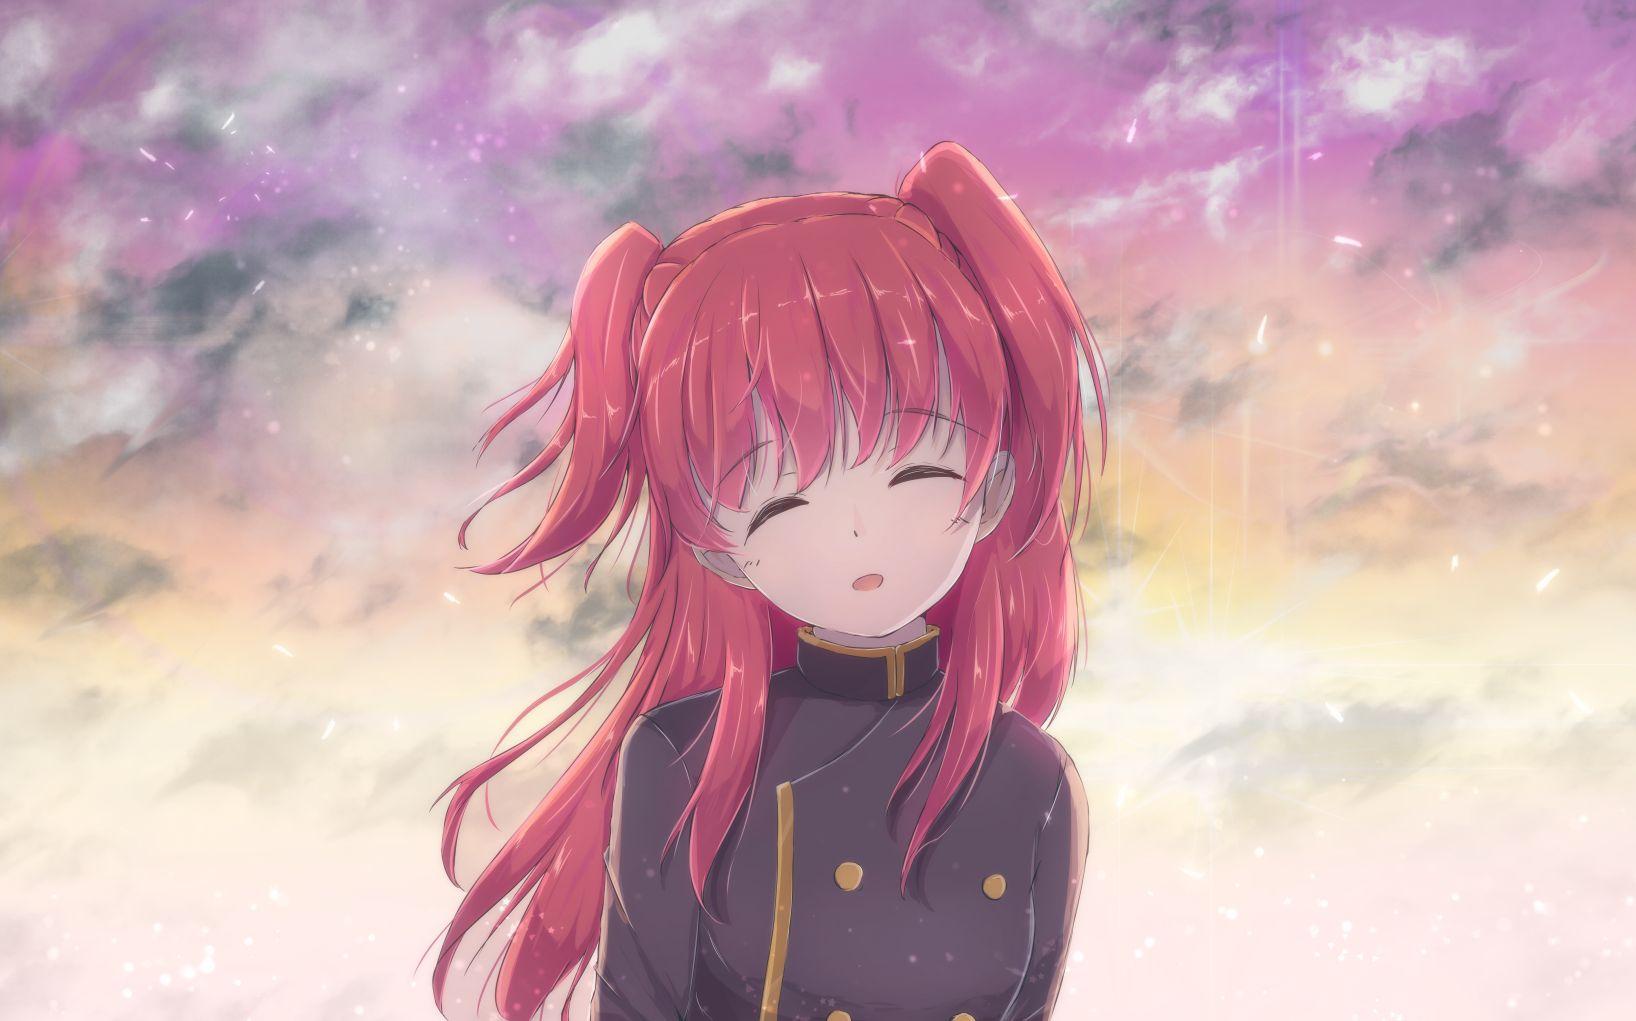 【末日時在做什么?】A girl won the whole of happiness in the end...【MAD】_嗶哩嗶哩 (゜-゜)つロ 干杯~-bilibili